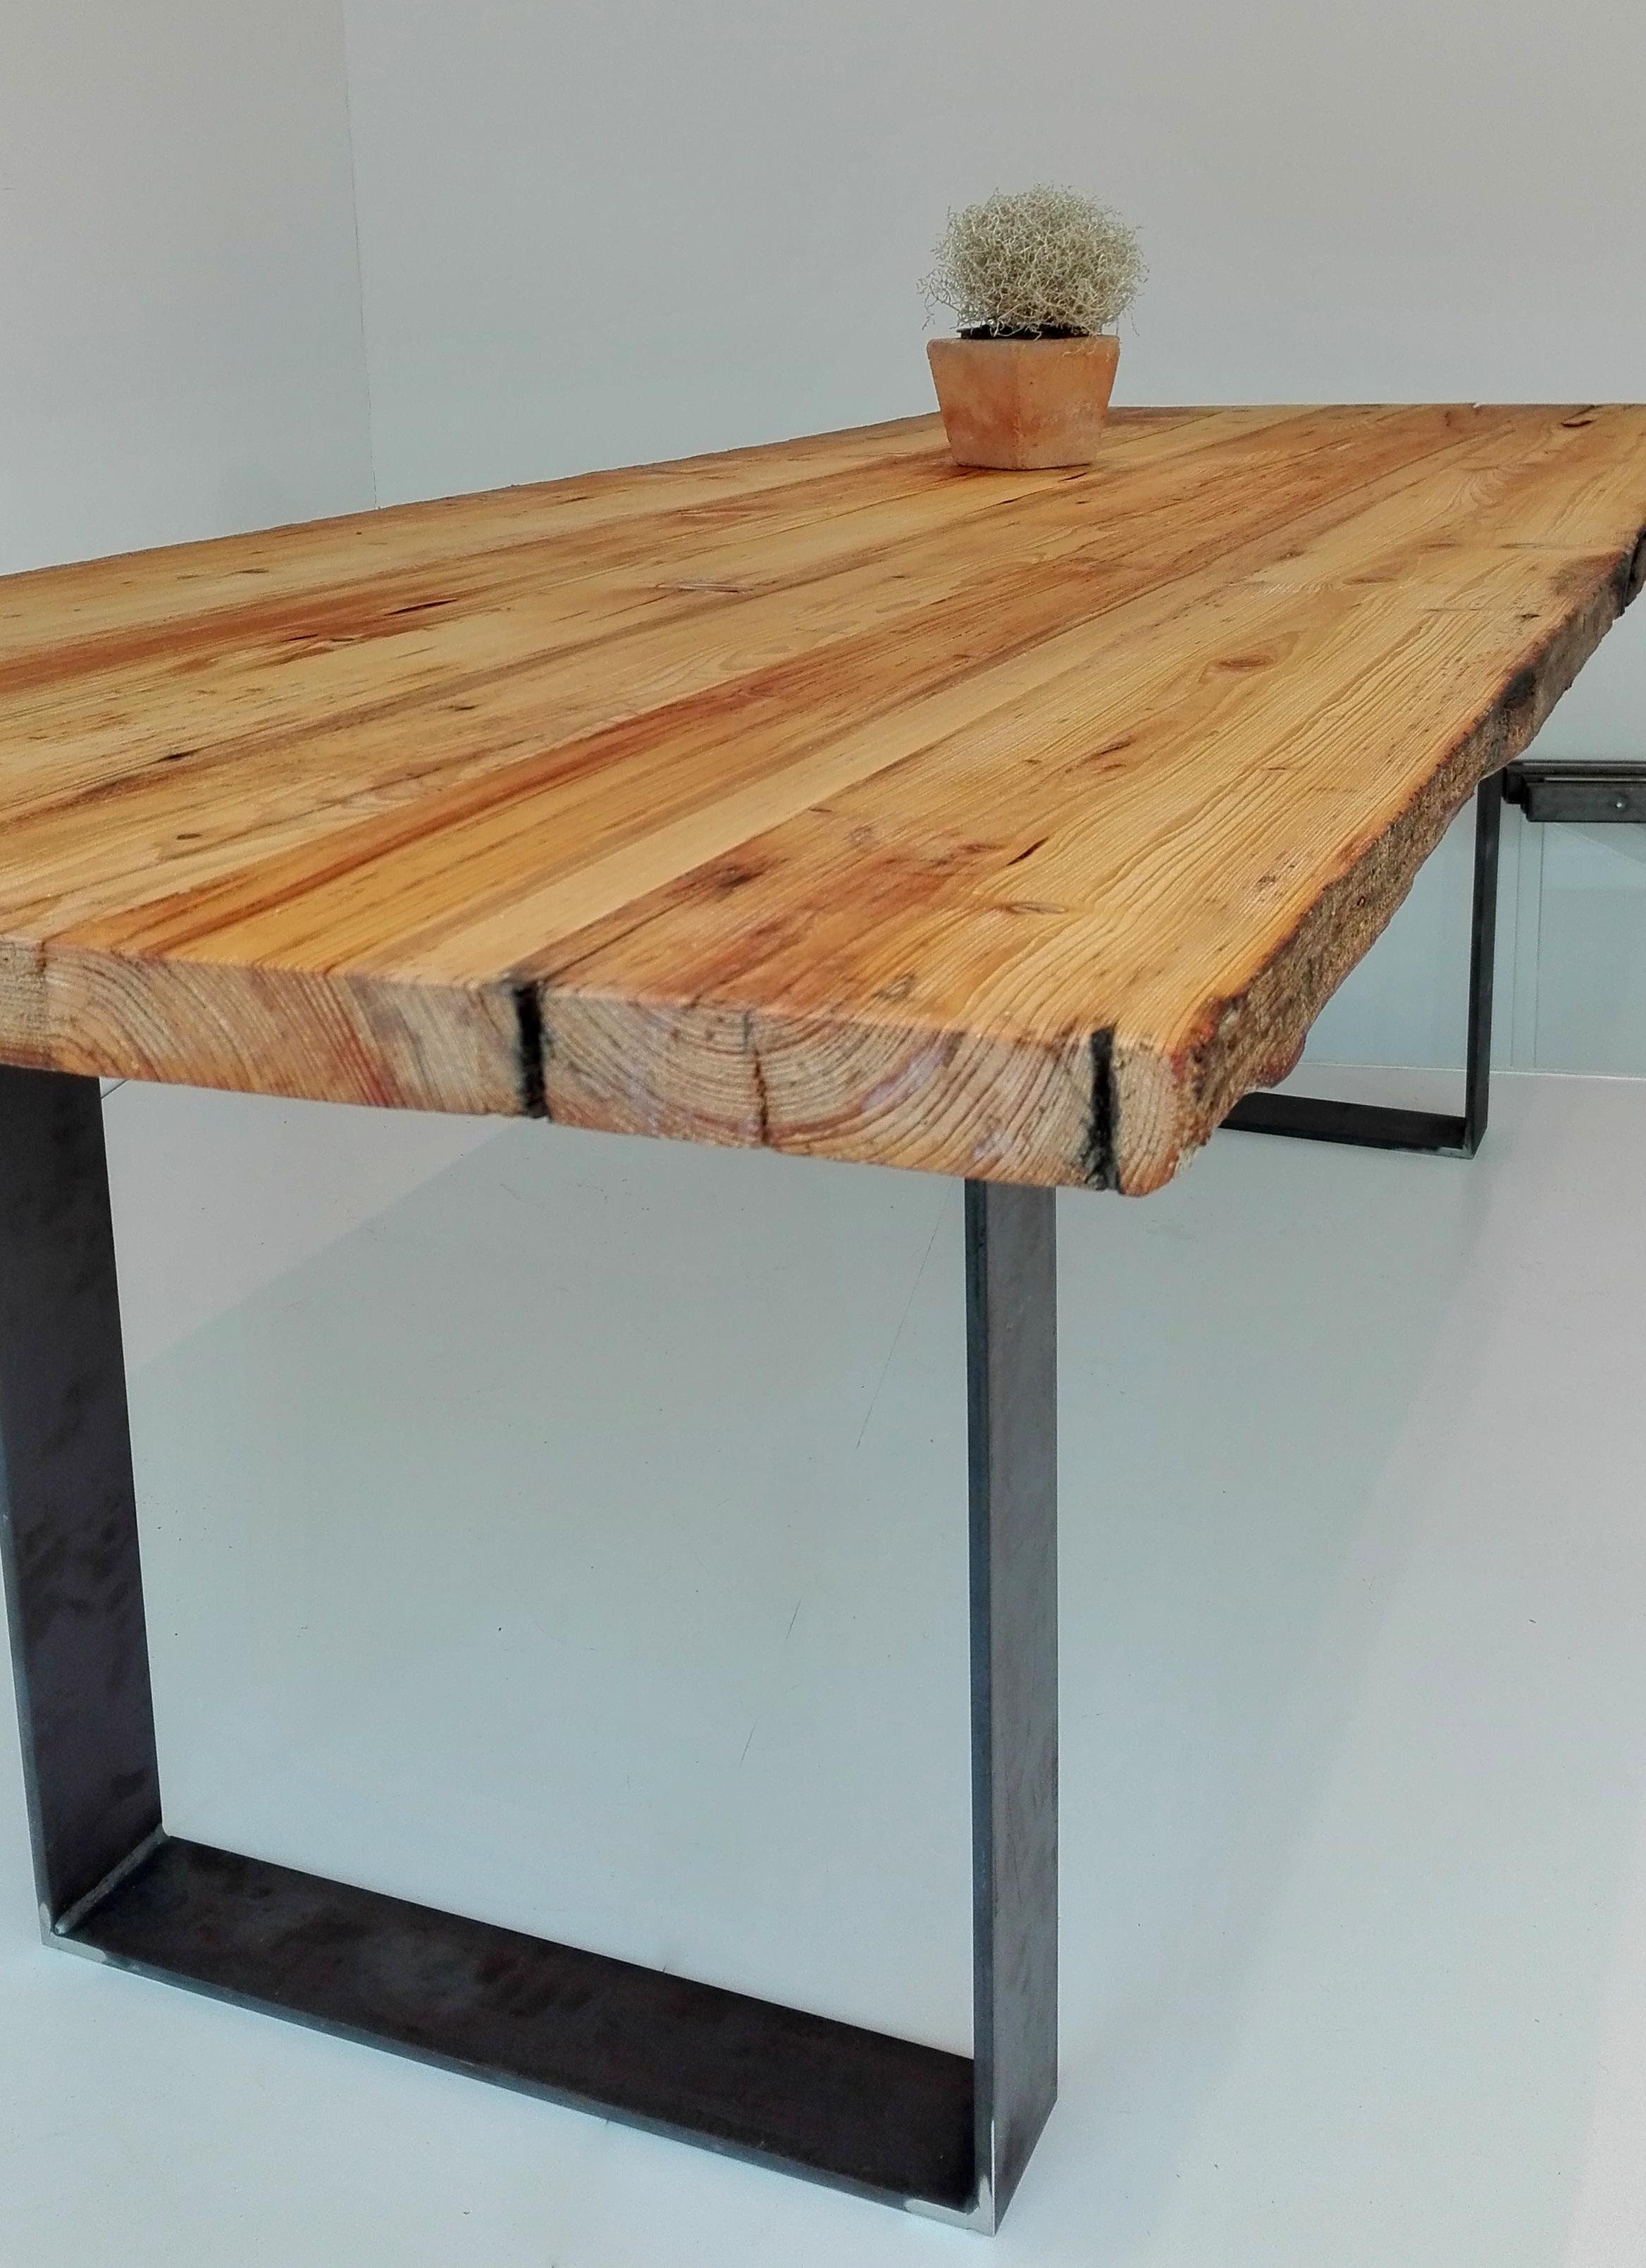 Tisch Aus Altholz Wunderbar Tisch Aus Altholz Selber Bauen Haus